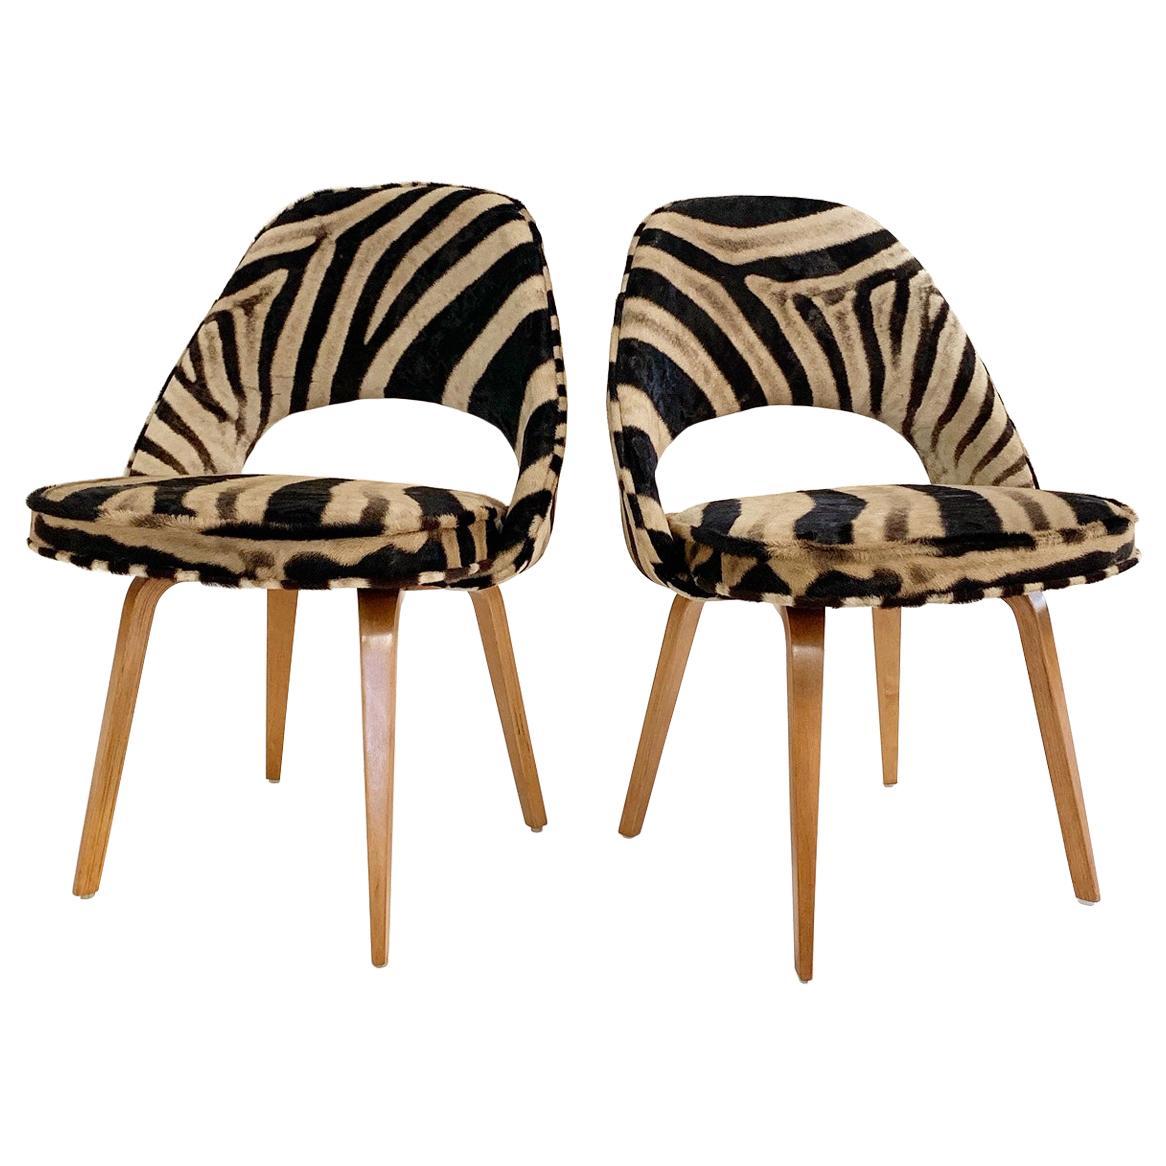 Eero Saarinen Executive Chairs in Zebra Hide, Pair